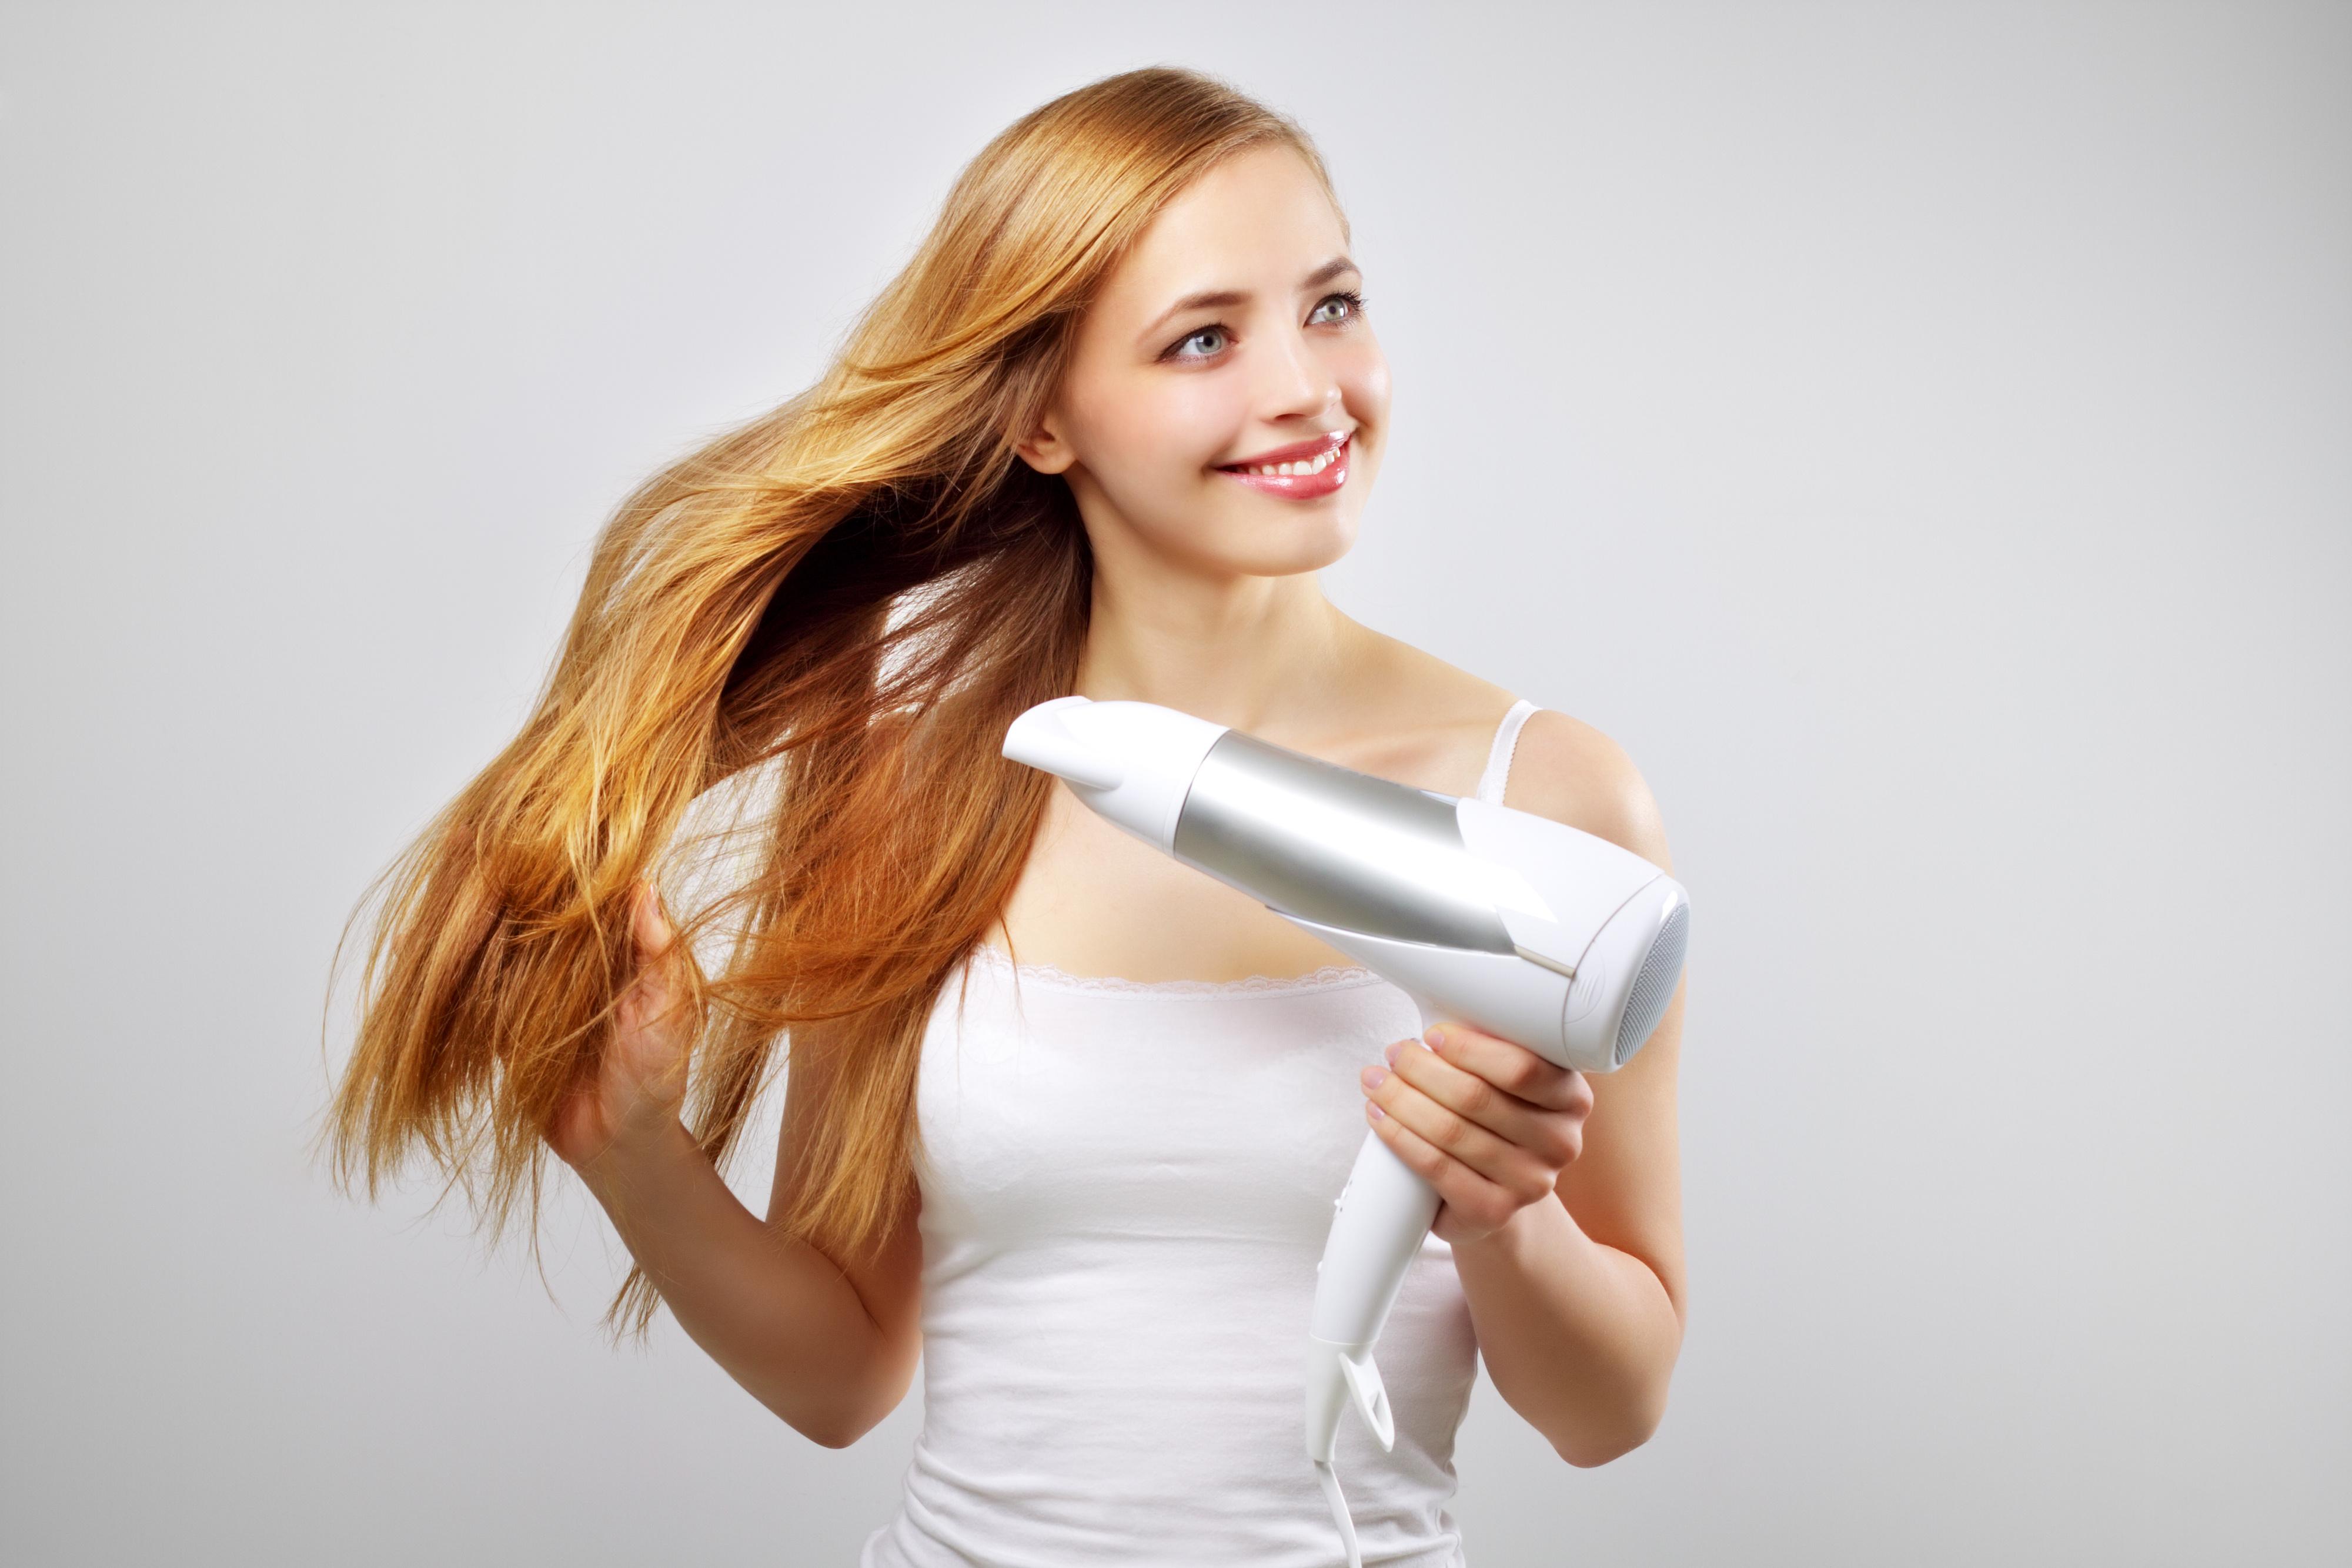 capelli asciugati bene Fotolia_42125820_Subscription_Monthly_XL